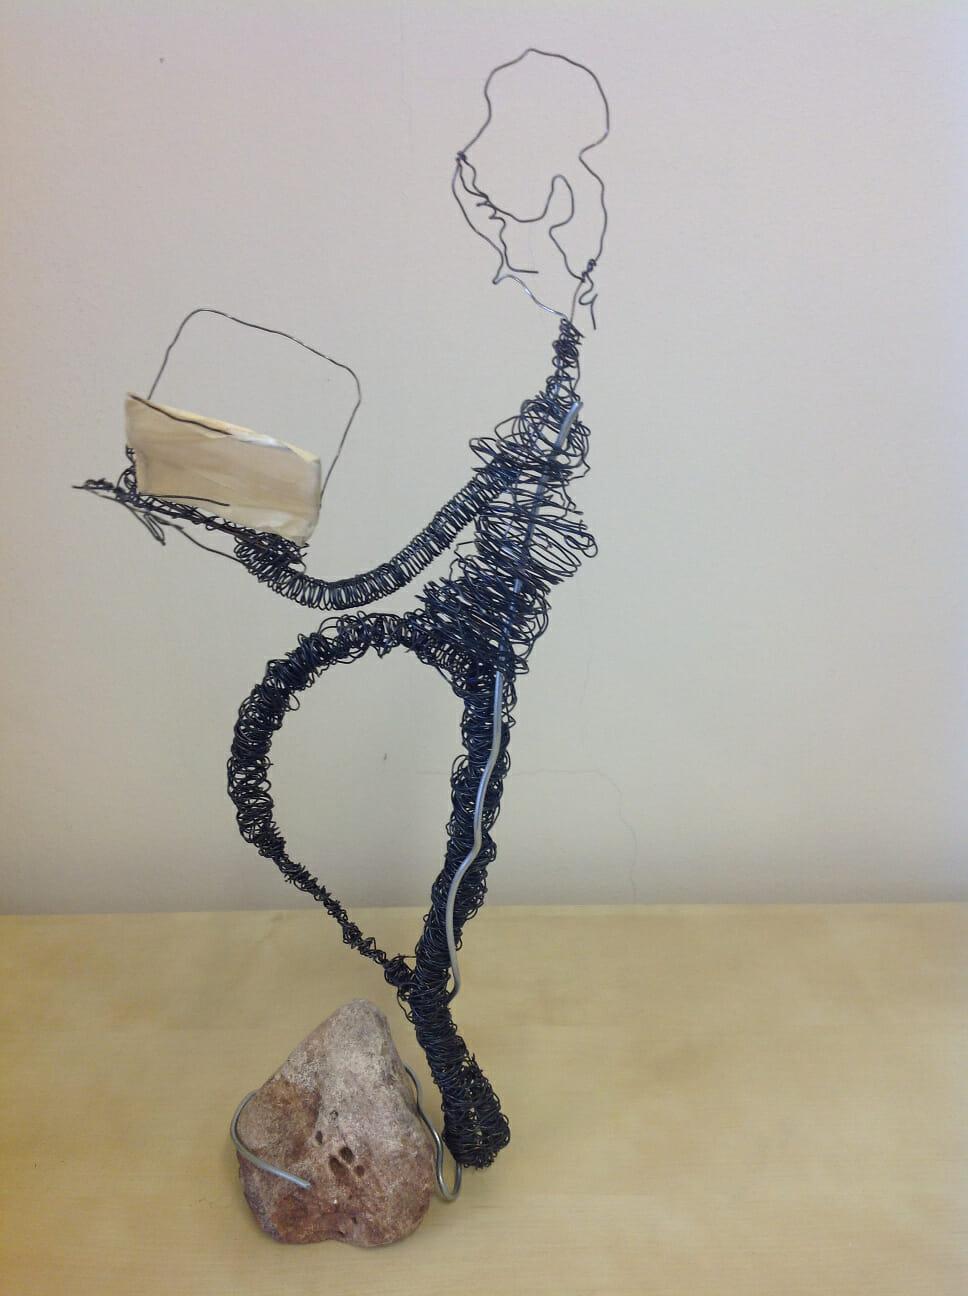 Ungewöhnlich Draht Kunst Skulptur Idee Ideen - Schaltplan Serie ...